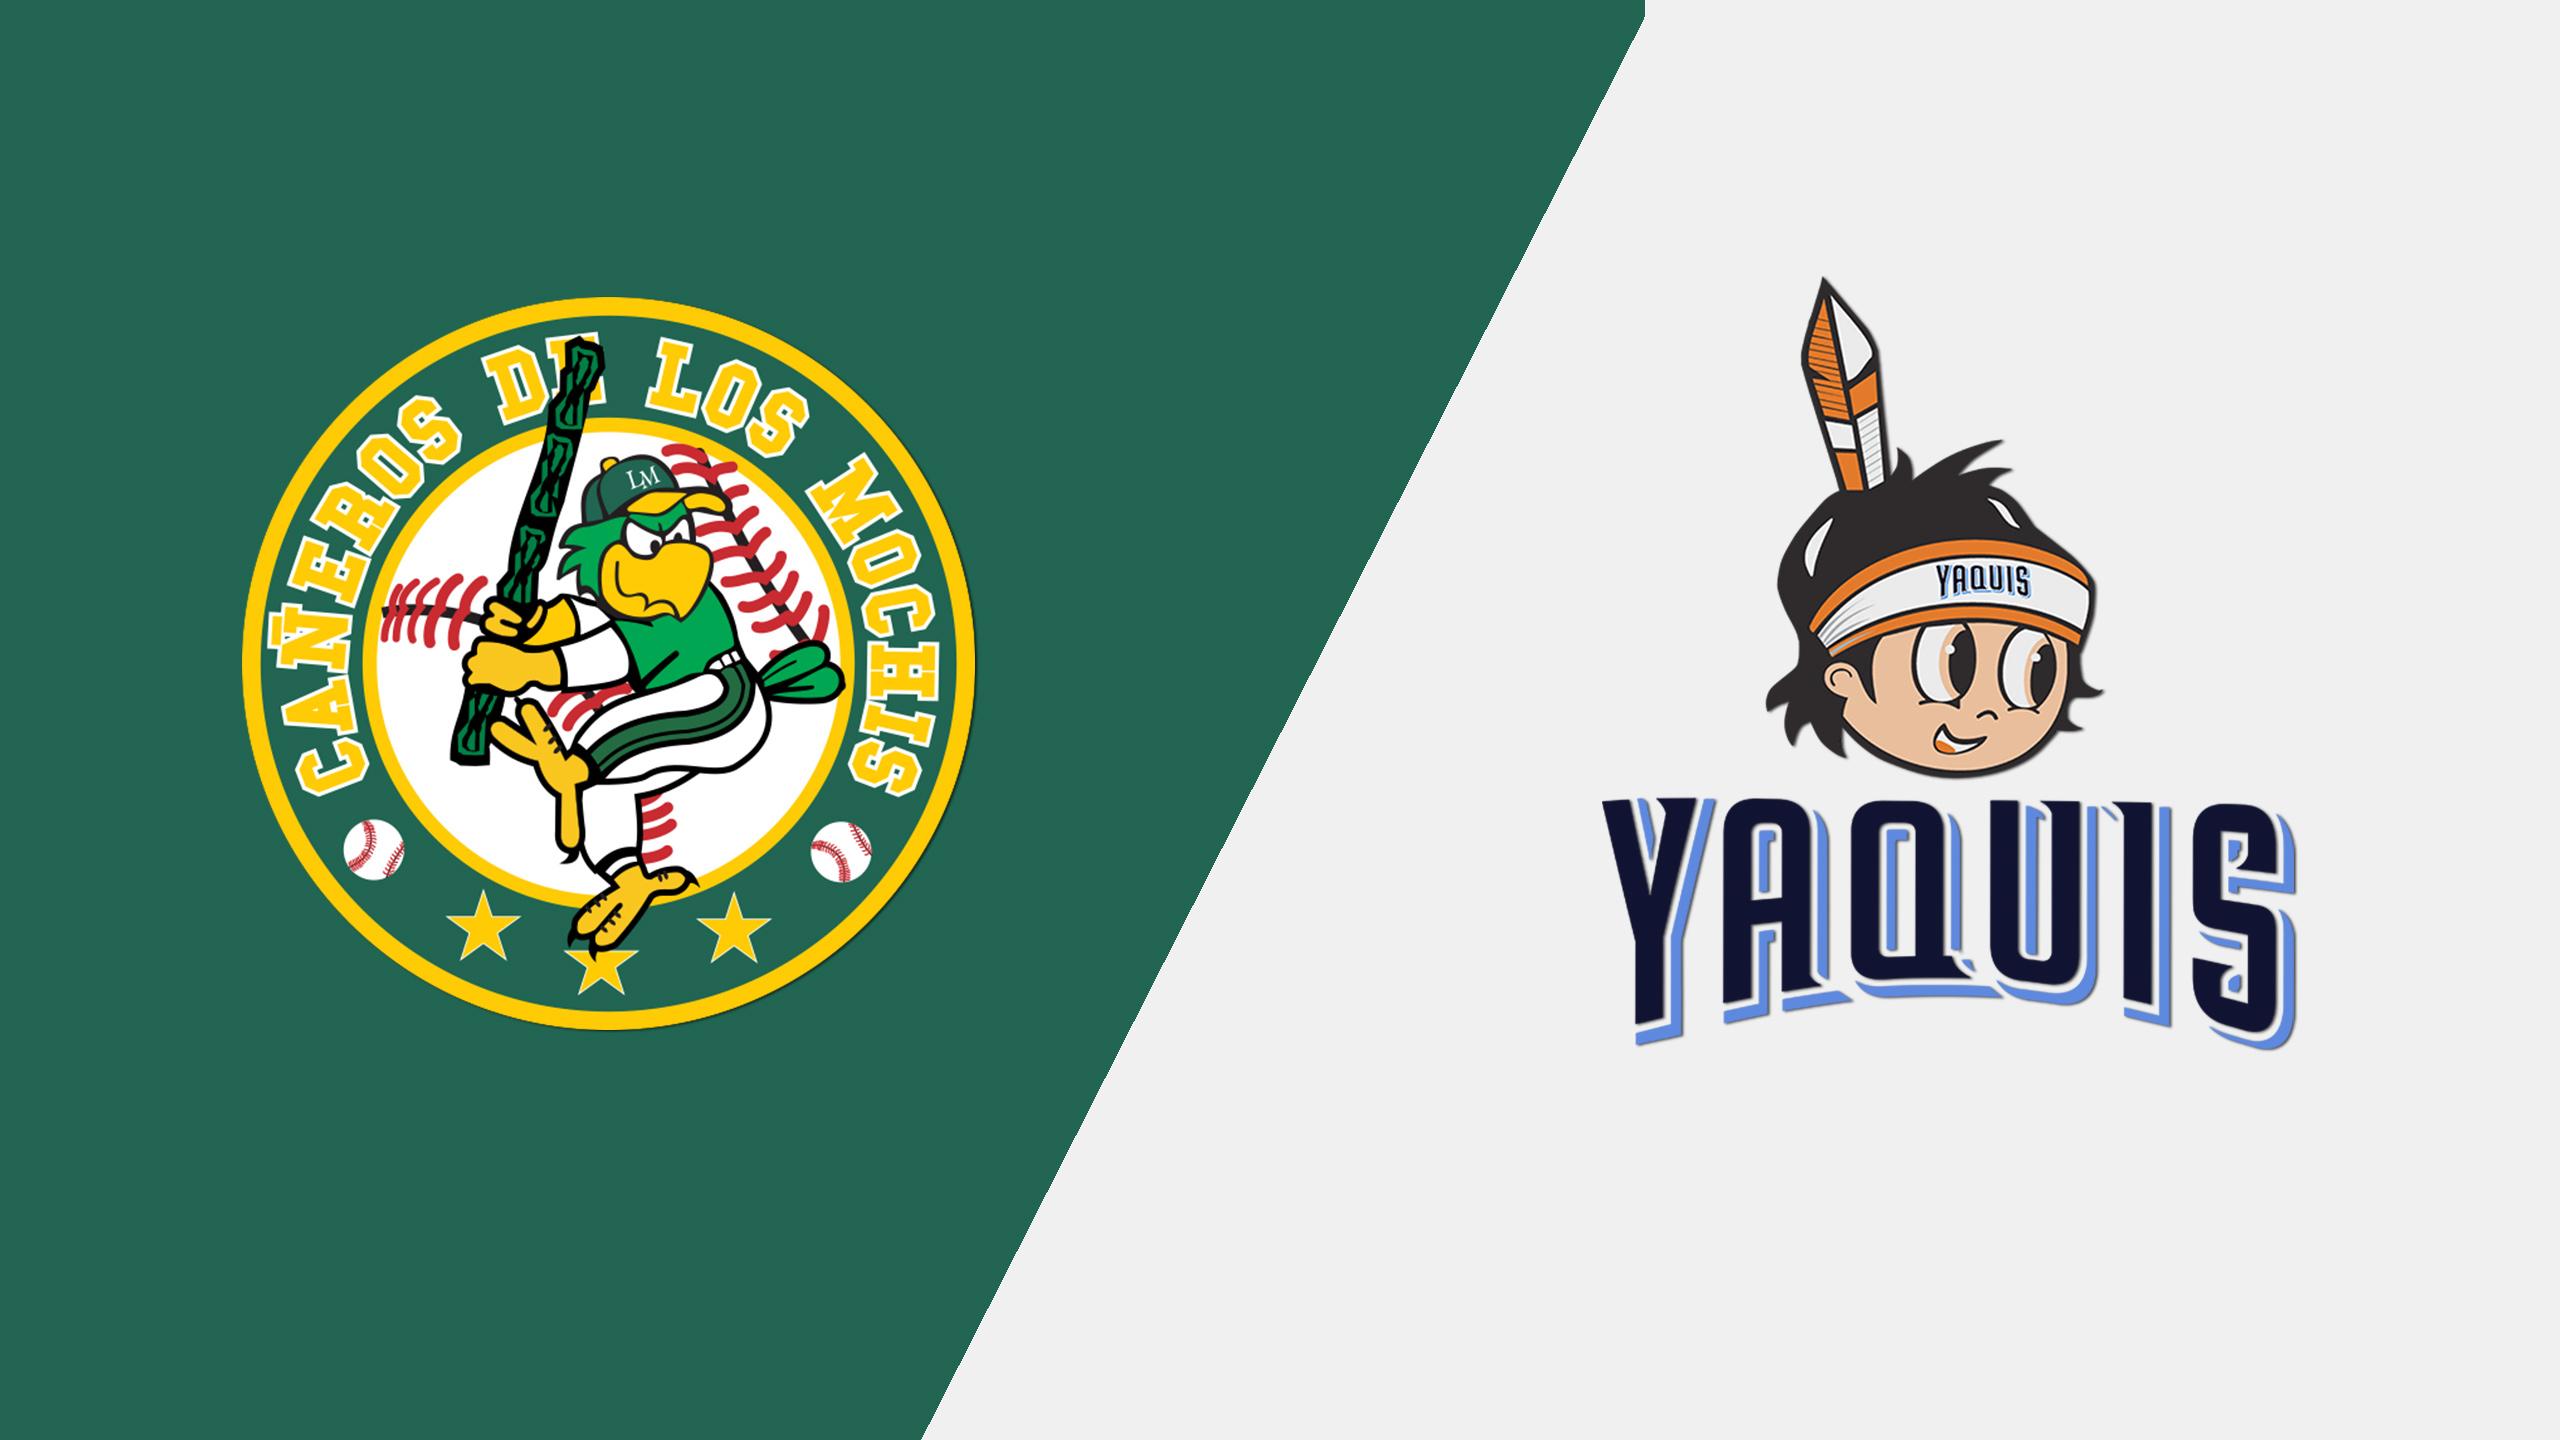 Cañeros de Los Mochis vs. Yaquis de Obregón (Game #5)